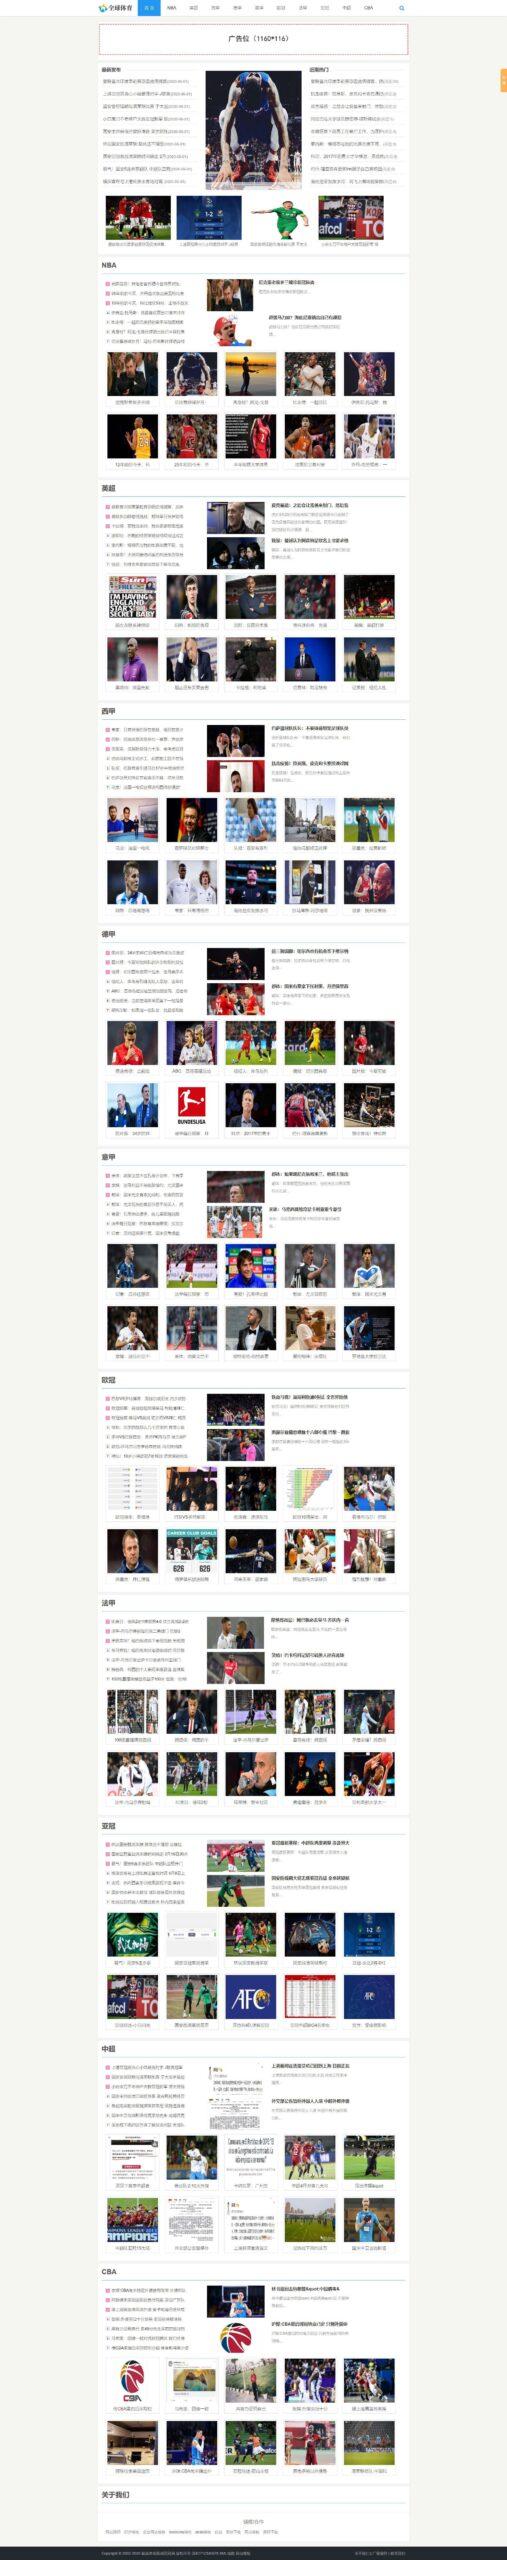 H5白色体育娱乐新闻门户网站织梦dede模板源码[自适应手机版]插图